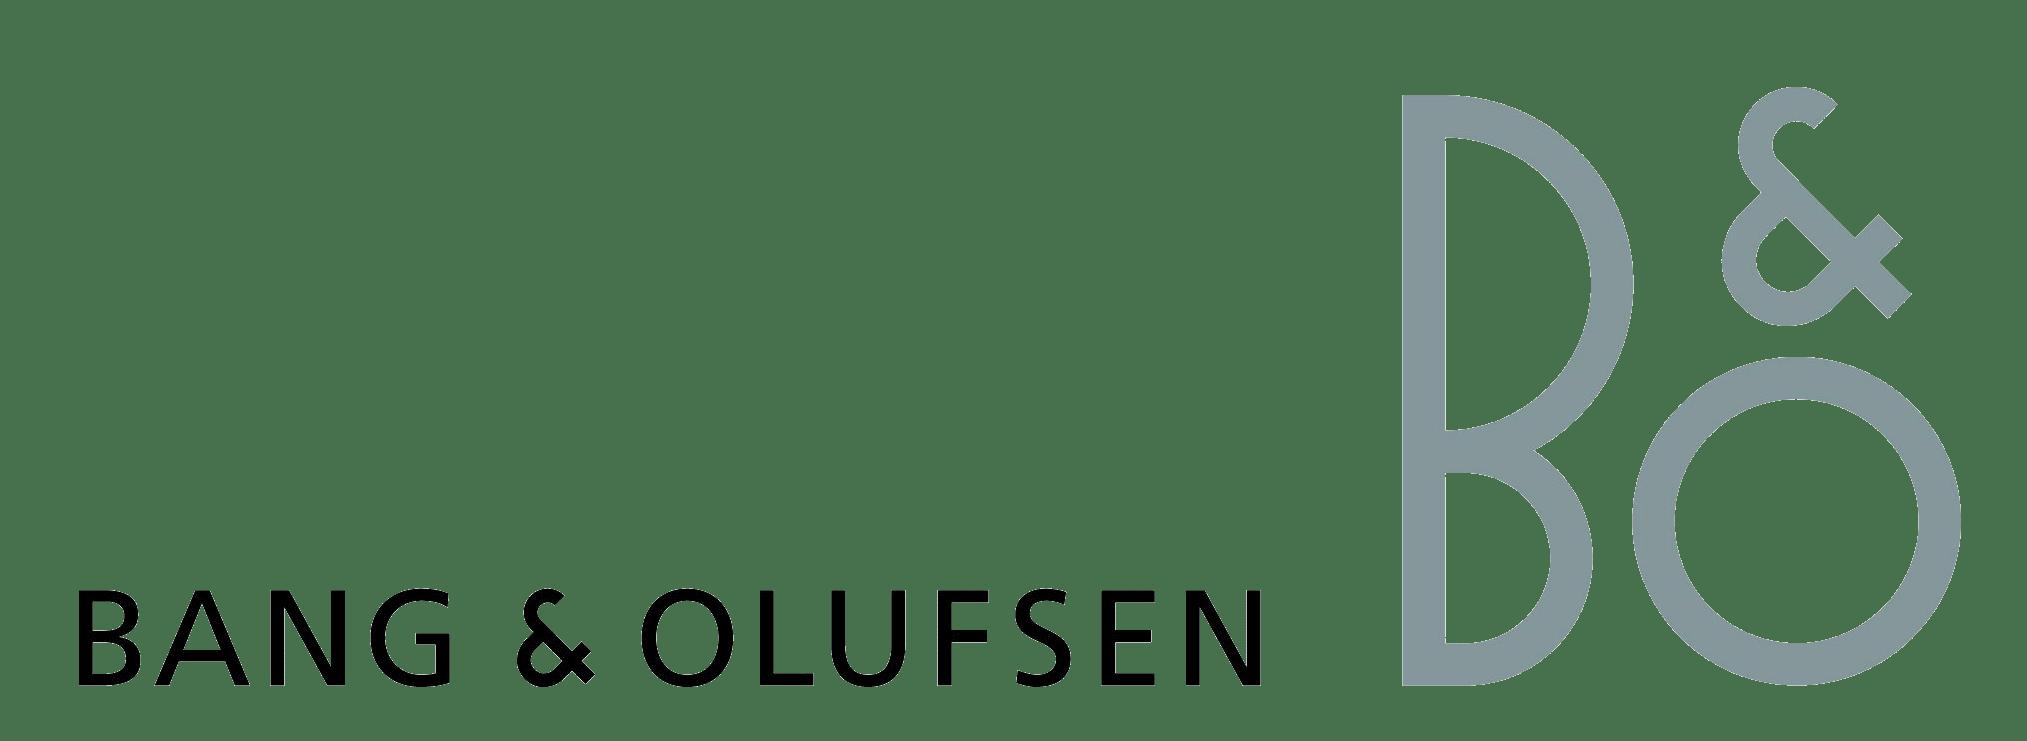 Bang & Olufsen Client